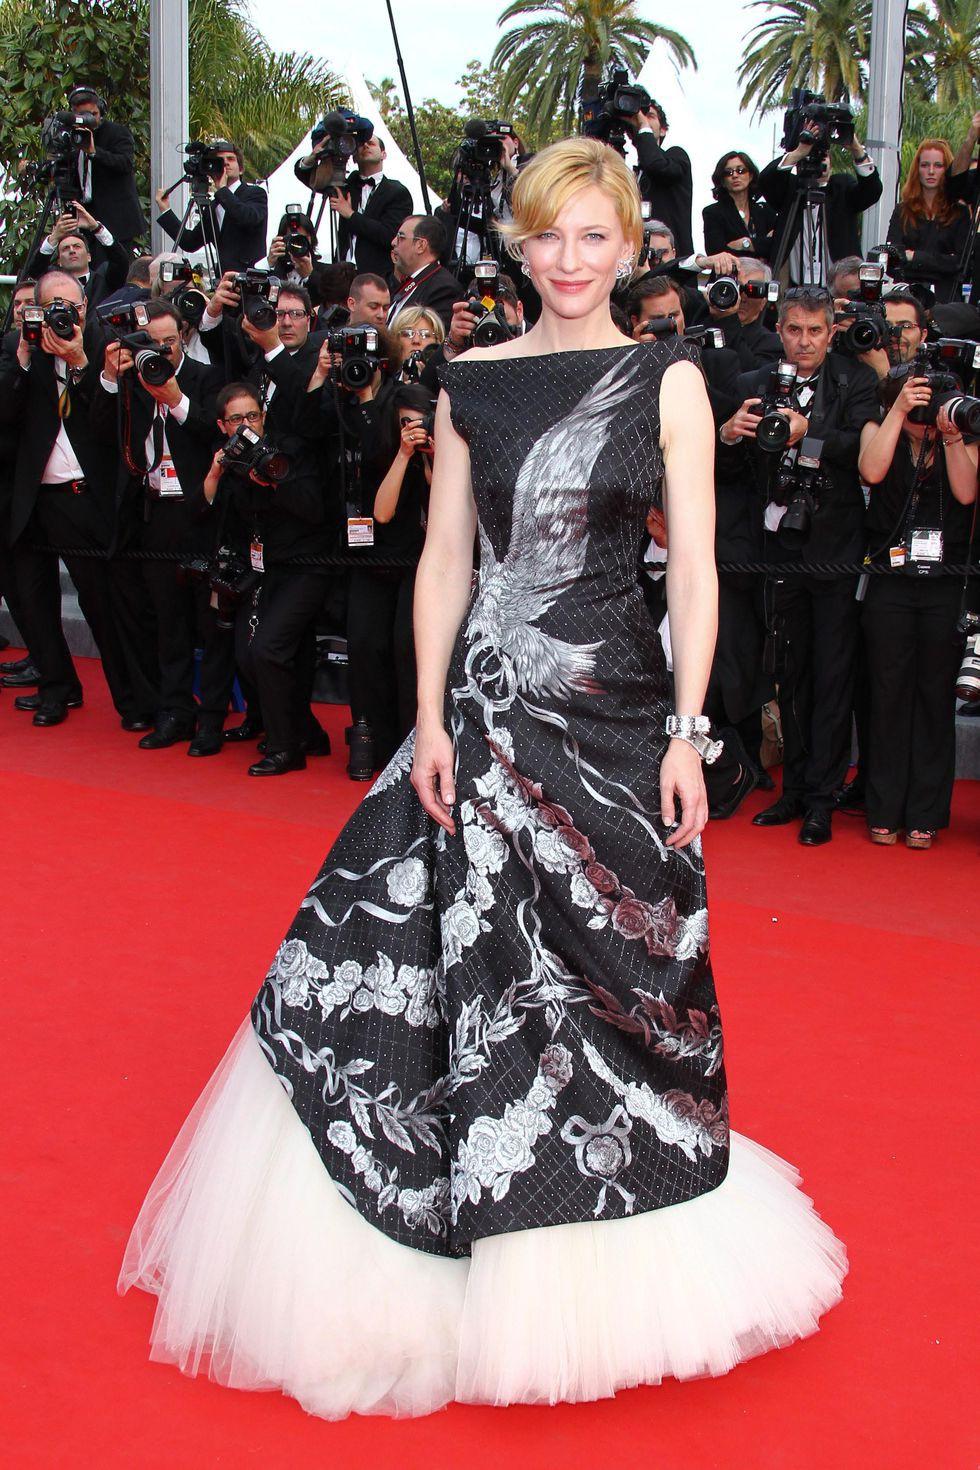 30 màn thả dáng có thần thái đi vào huyền thoại Cannes: Không cần trò vạch, phơi lồng lộn vẫn chiếm trọn spotlight! - Ảnh 12.